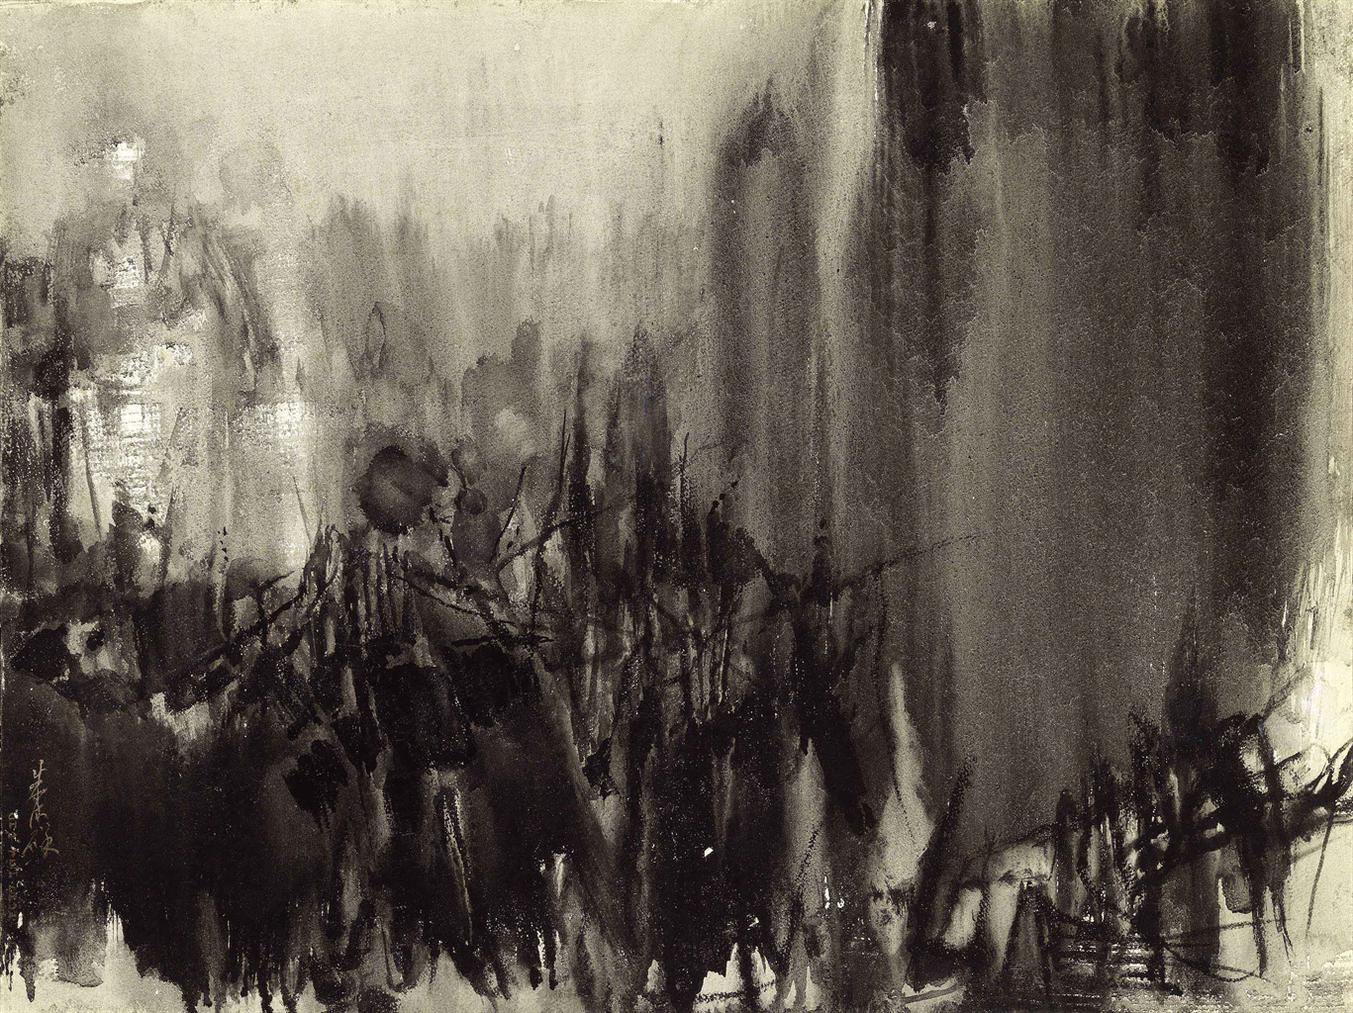 Chu Teh-Chun-No. 147-1963